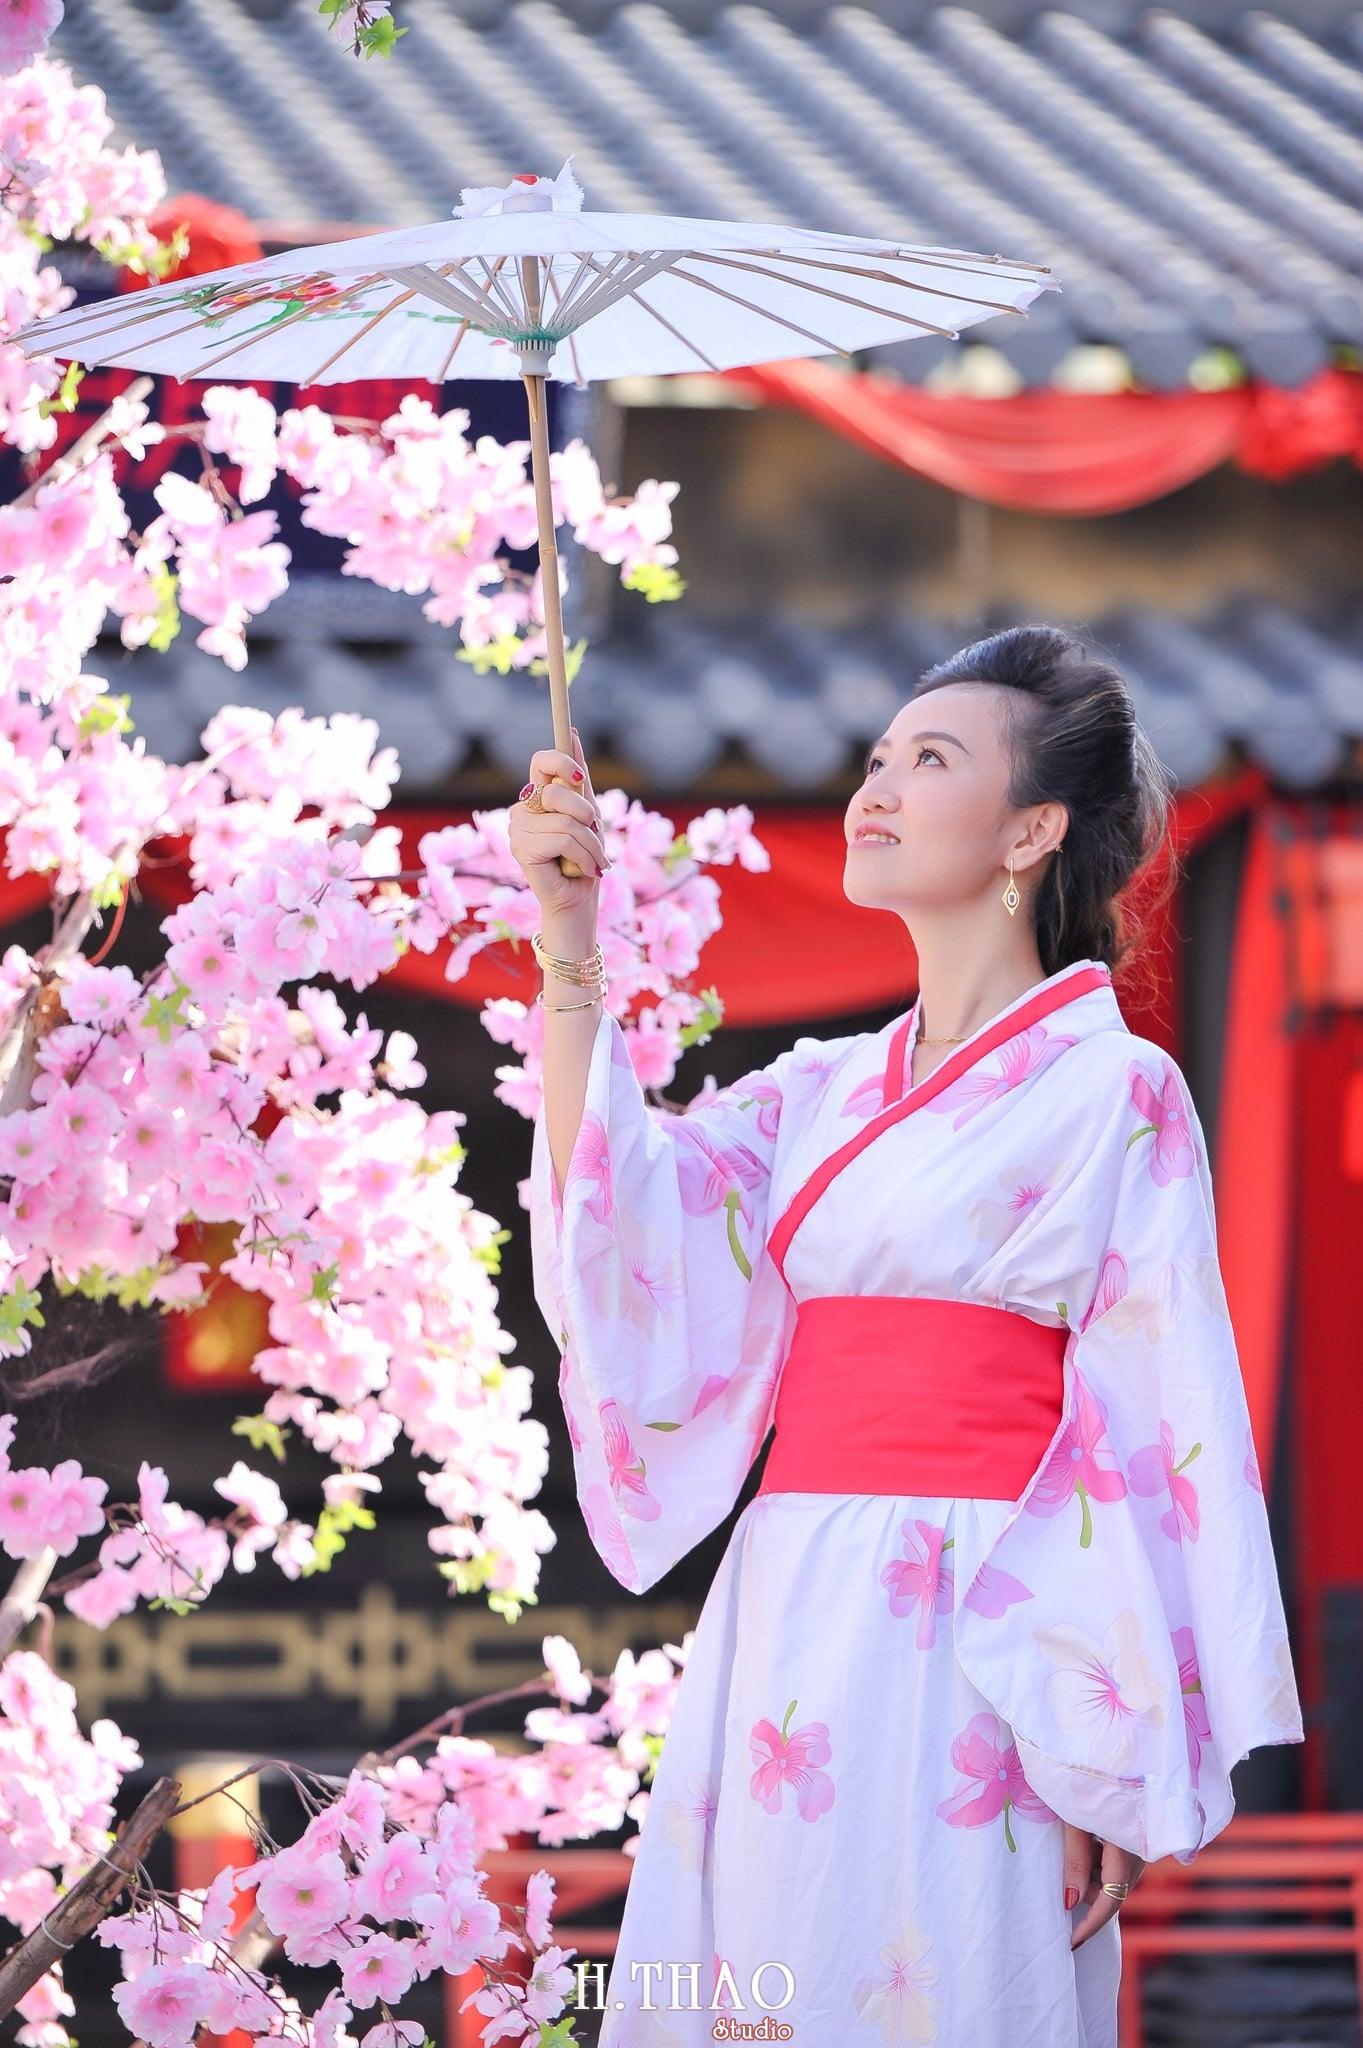 Anh chup voi Kimono 8 - Bộ ảnh couple chụp với Kimono theo phong cách Nhật Bản